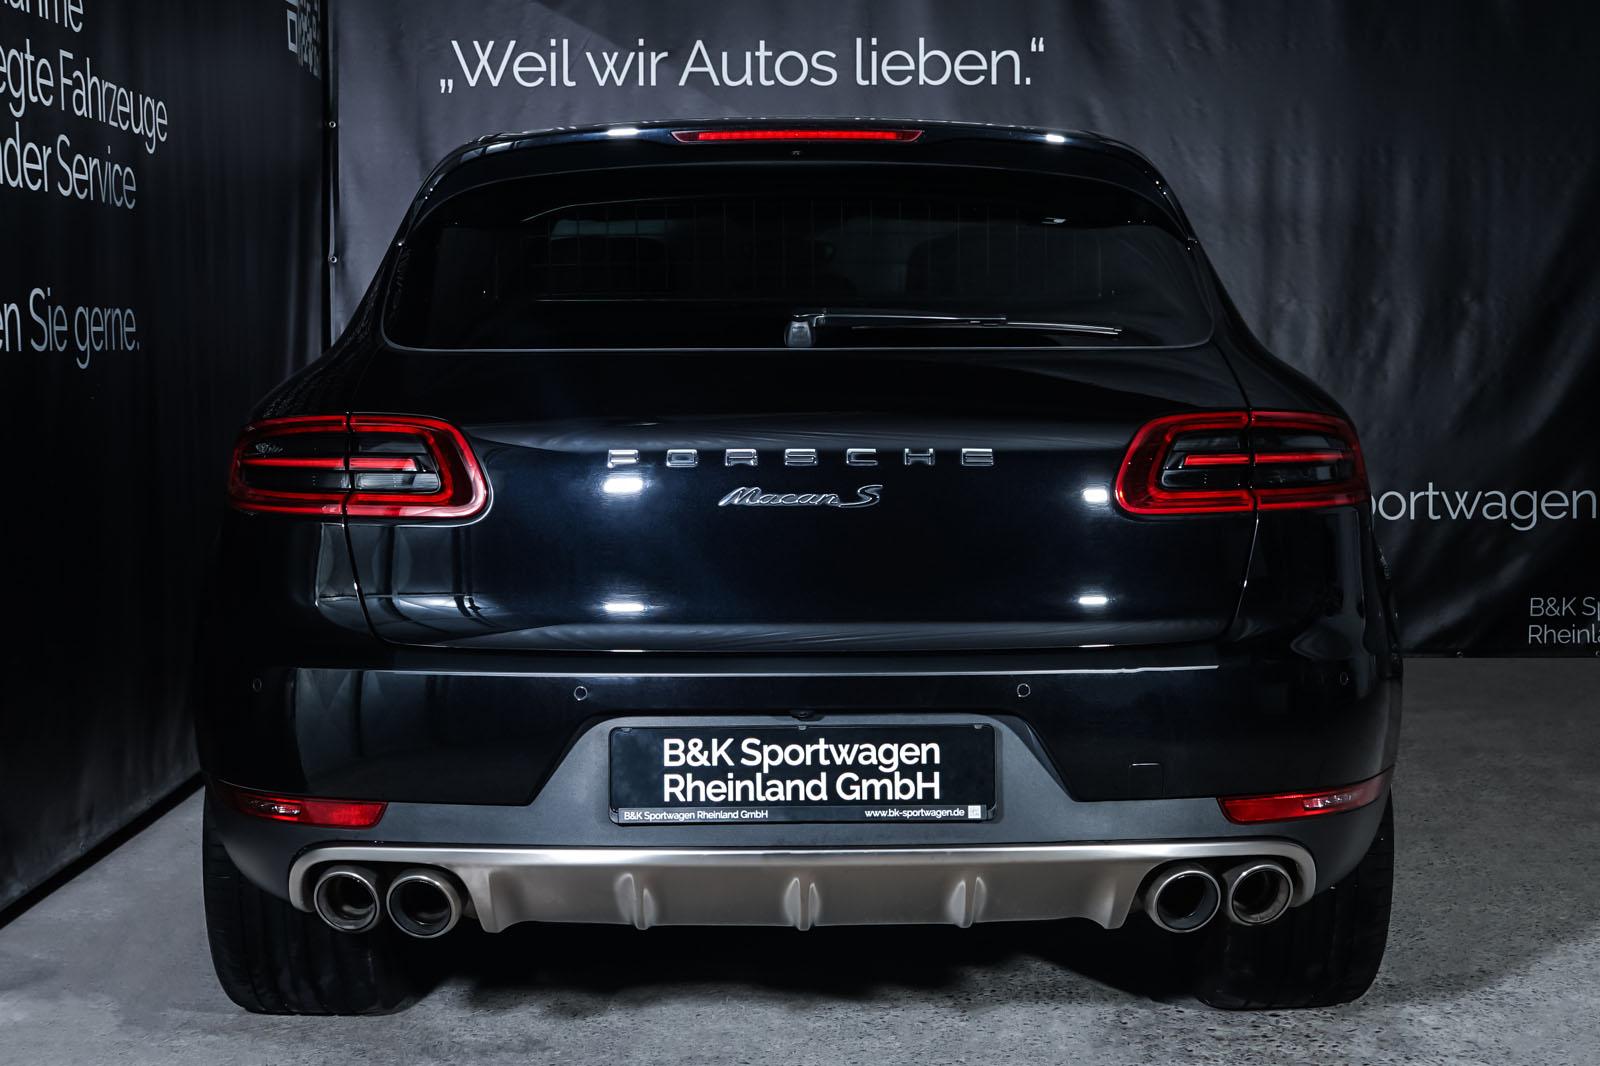 Porsche_Macan_S_Tiefschwarz_Schwarz_POR-1108_16_w